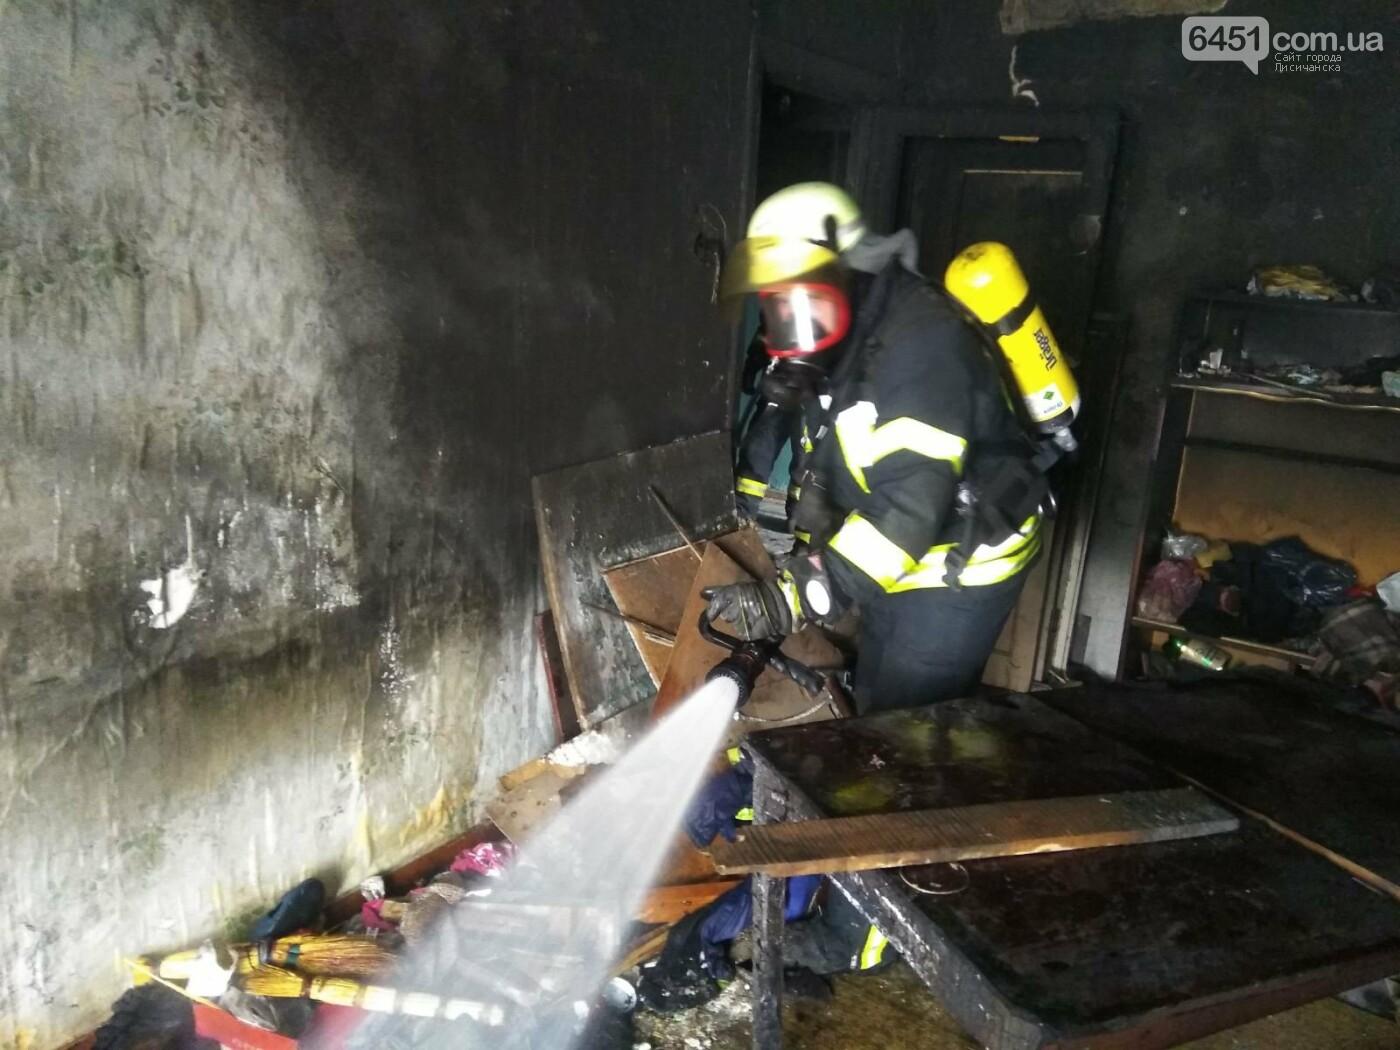 В Рубежном вследствие пожара пострадал человек, фото-2